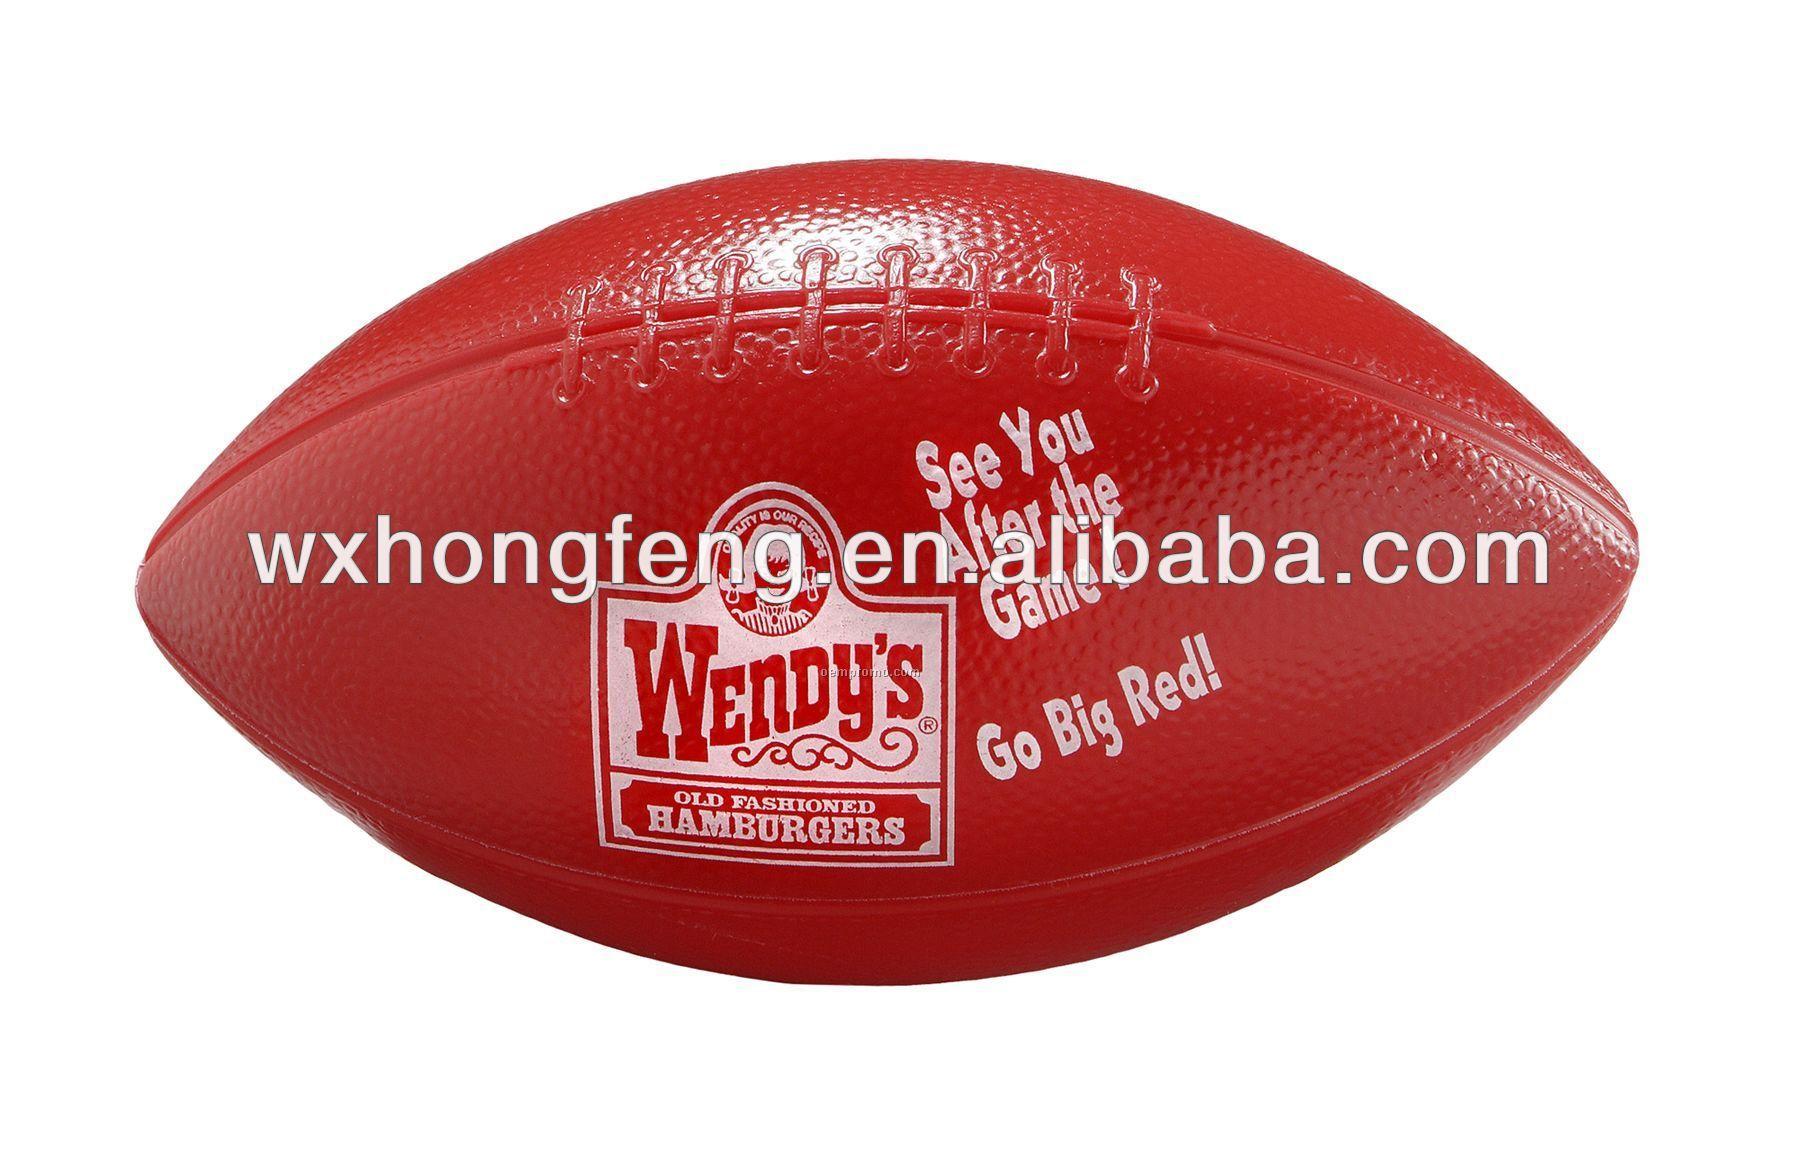 Miniature-Plastic-Football_4102255.jpg